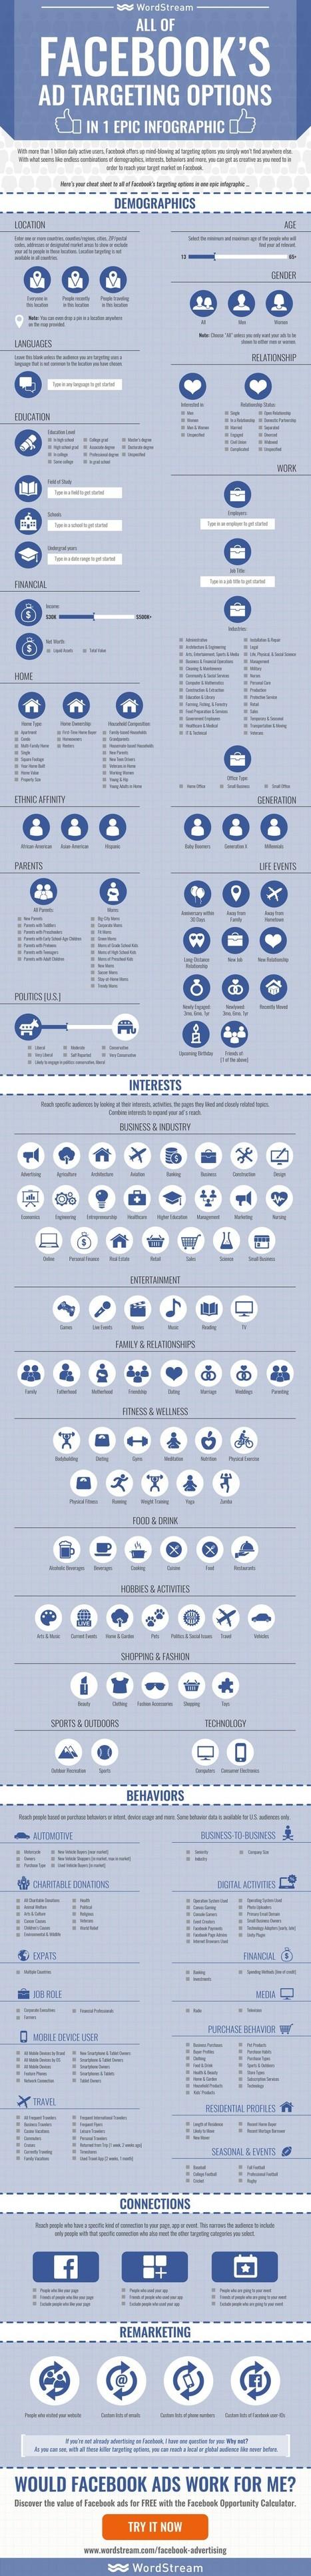 [Infographie]Facebook : Les options de ciblage publicitaire | Social Media Curation par Mon Habitat Web | Scoop.it